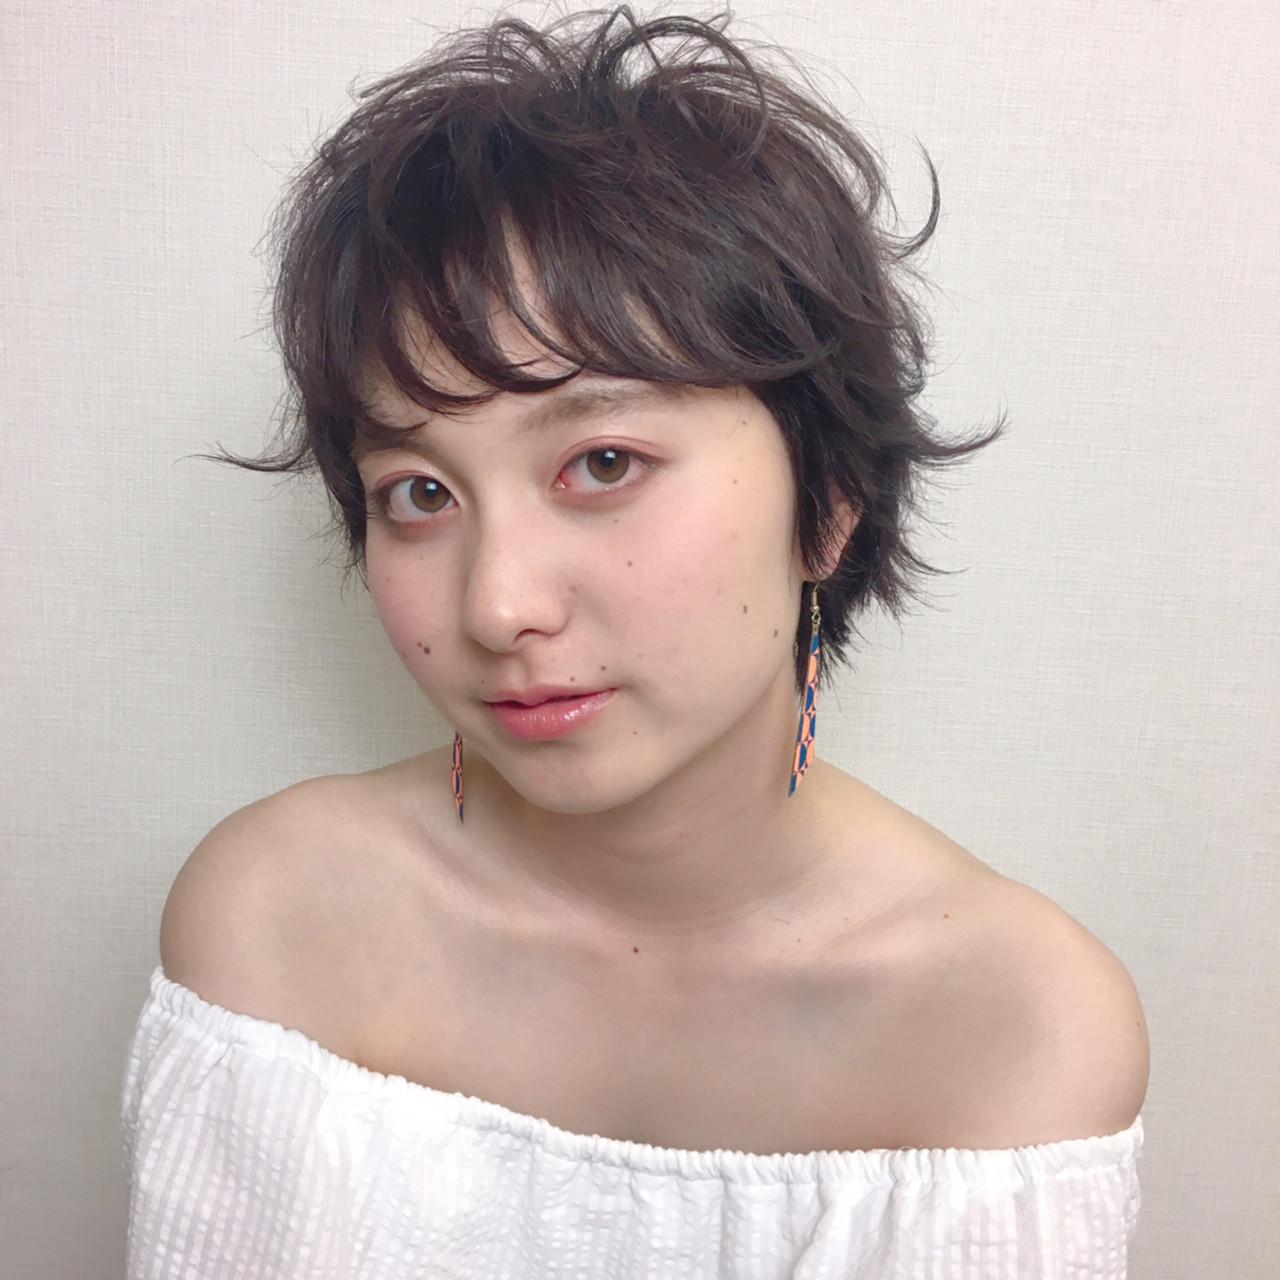 マッシュ 秋 ショート 透明感 ヘアスタイルや髪型の写真・画像